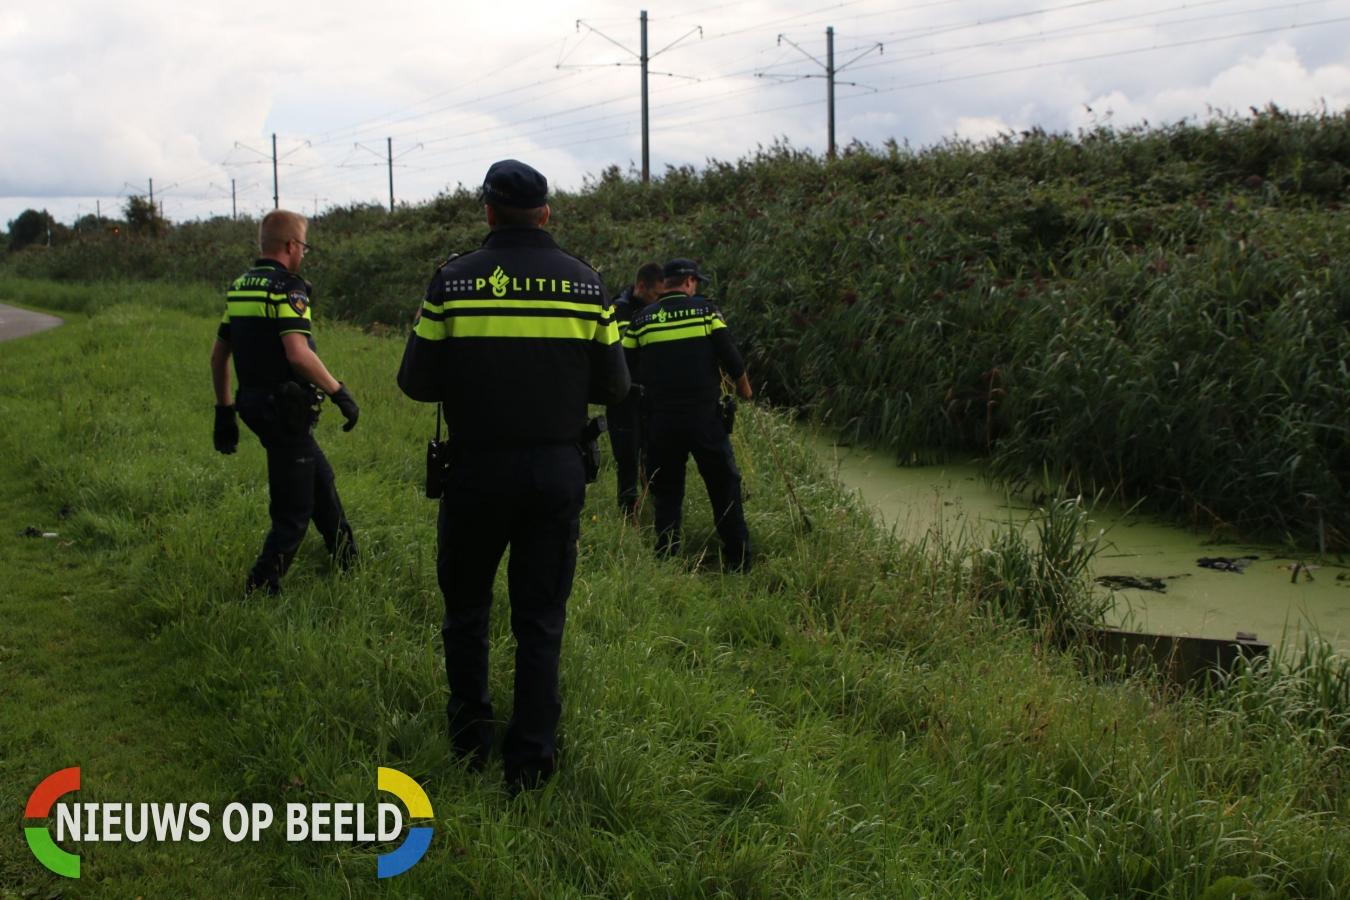 Politie onderzoekt kledingstukken in water Veerpolderpad Warmond